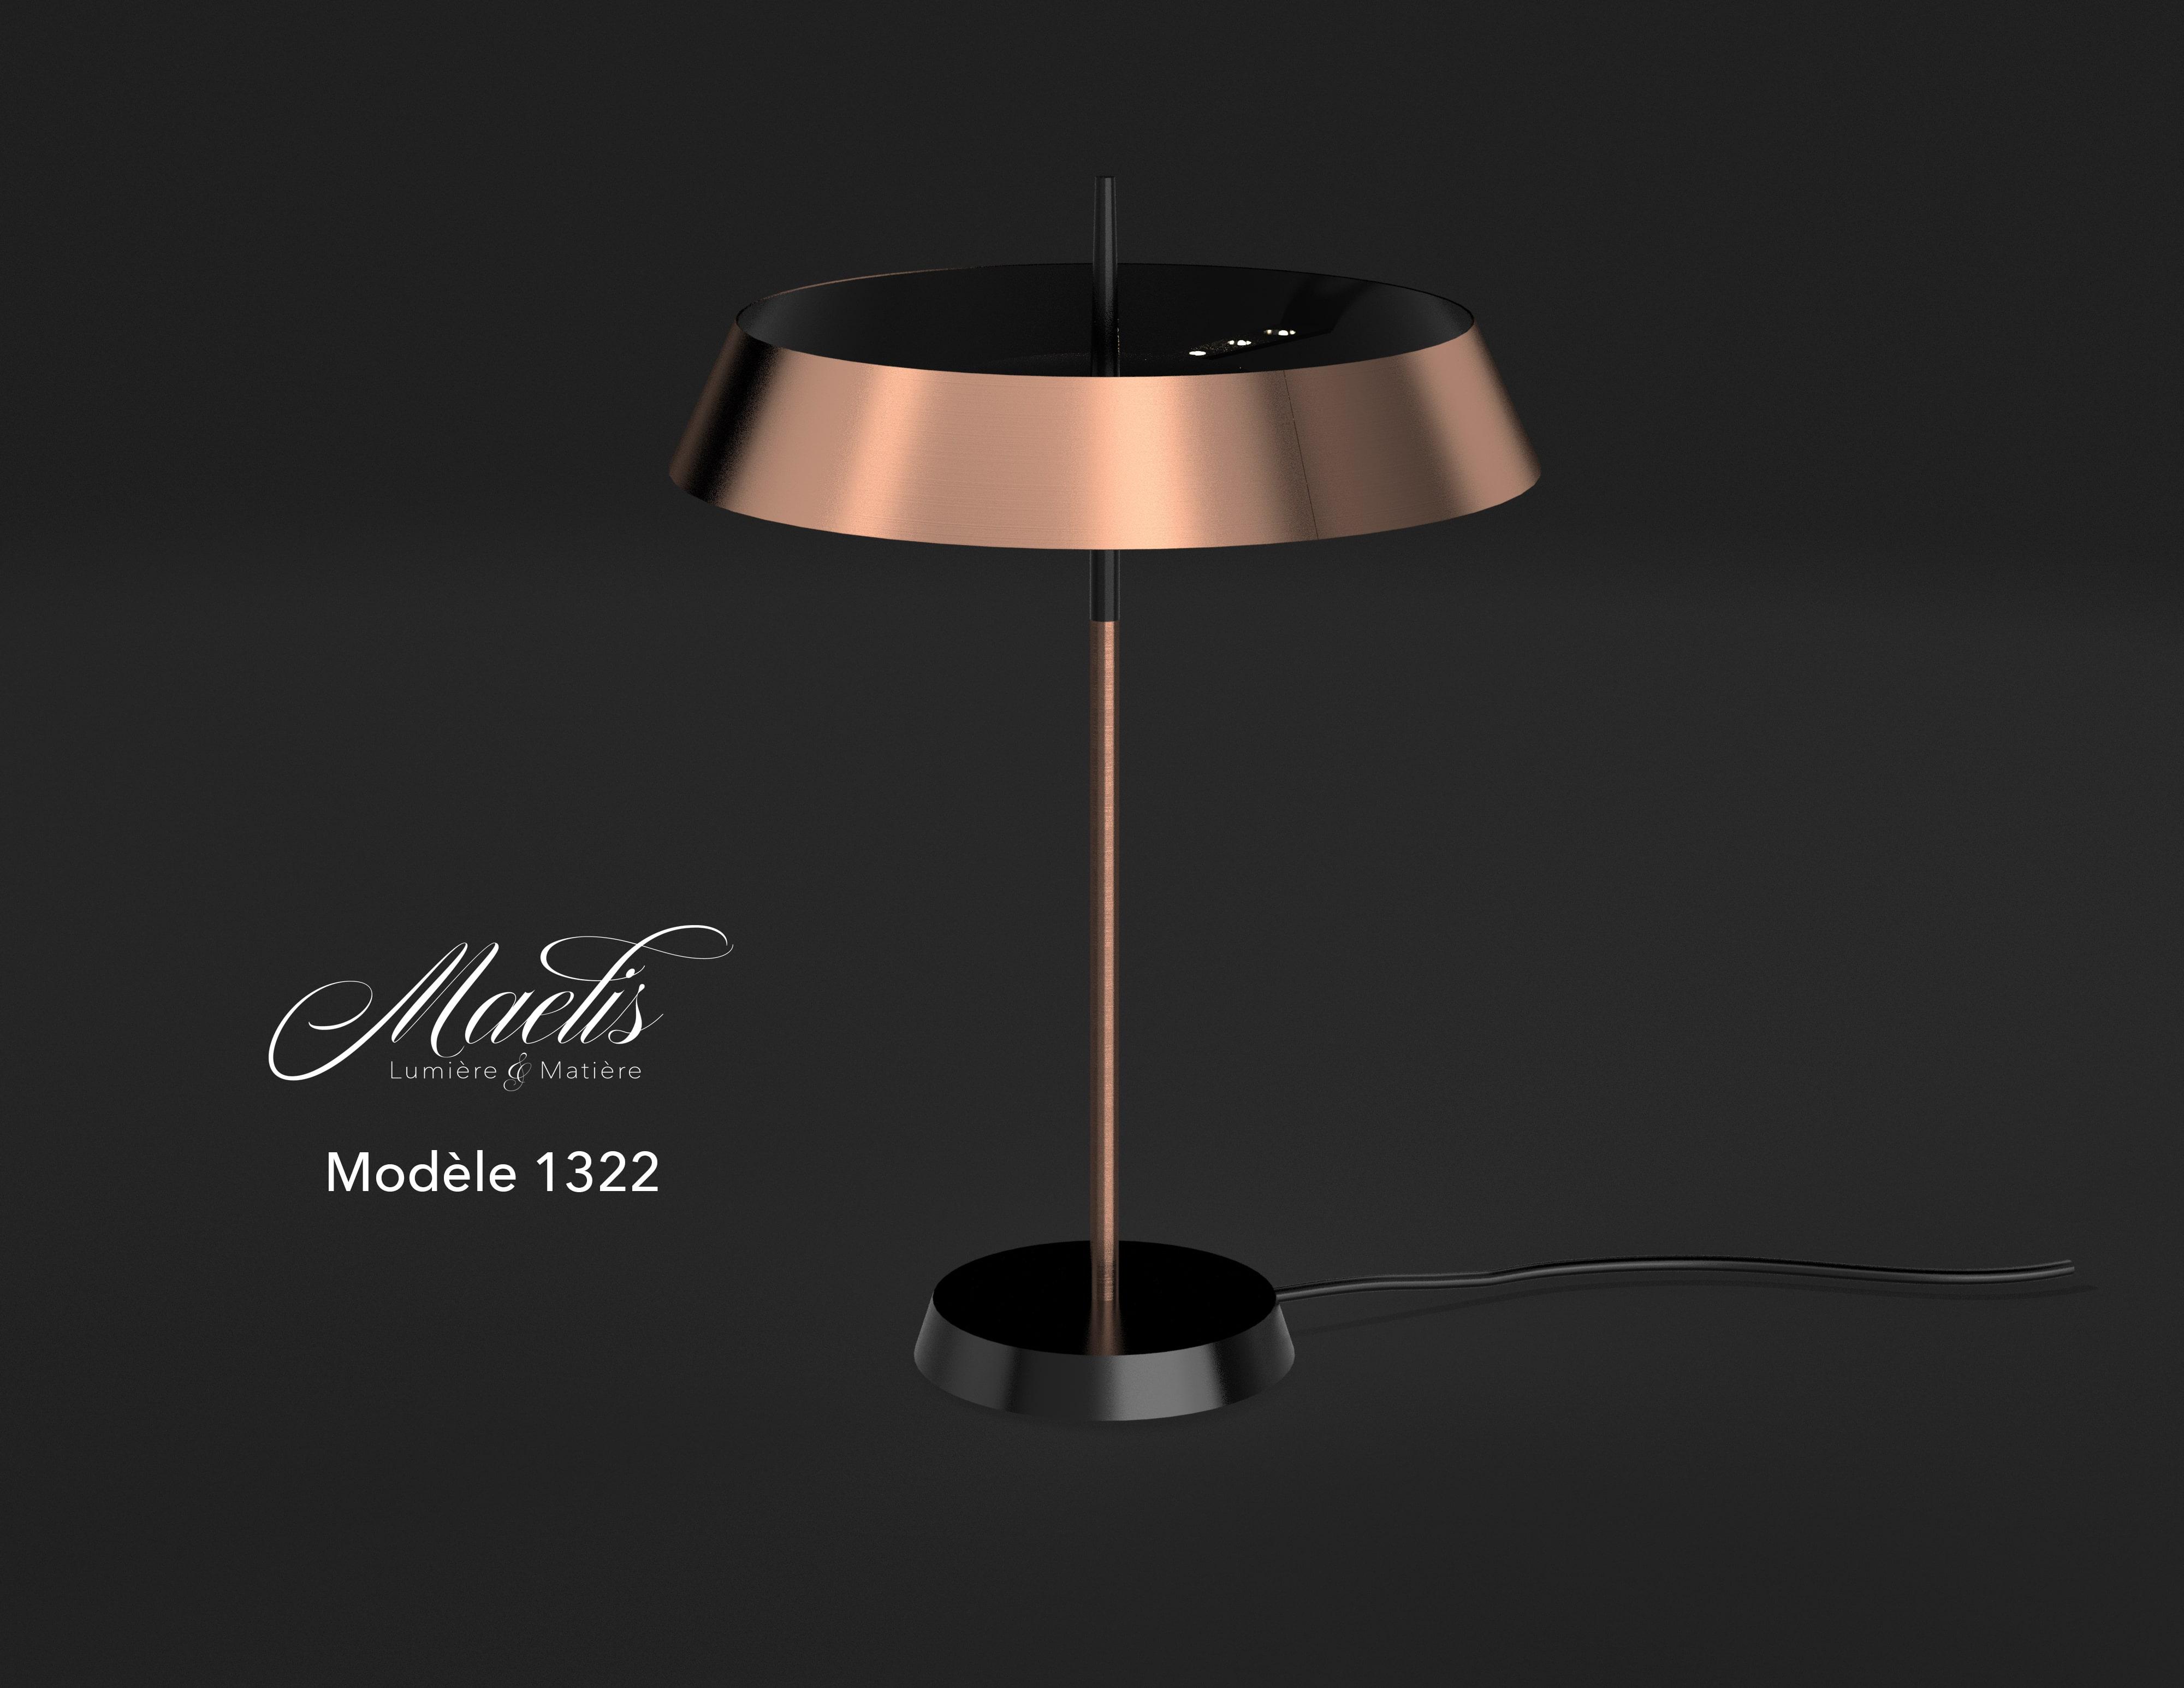 Maelis_Modèle_1322_img-min